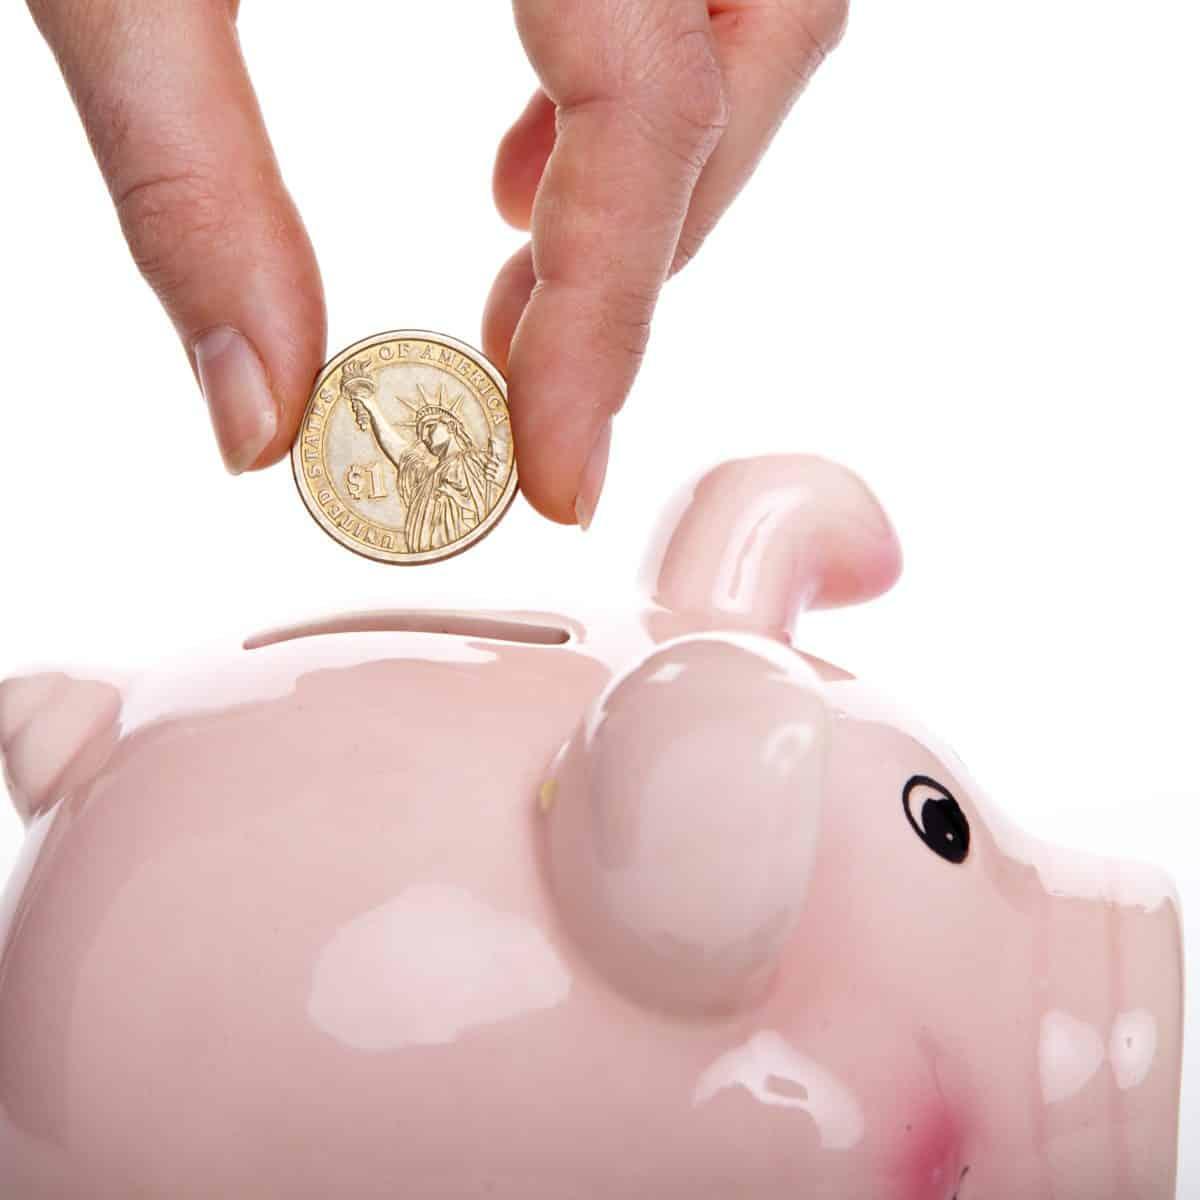 Conto Credit Agricole per i propri risparmi